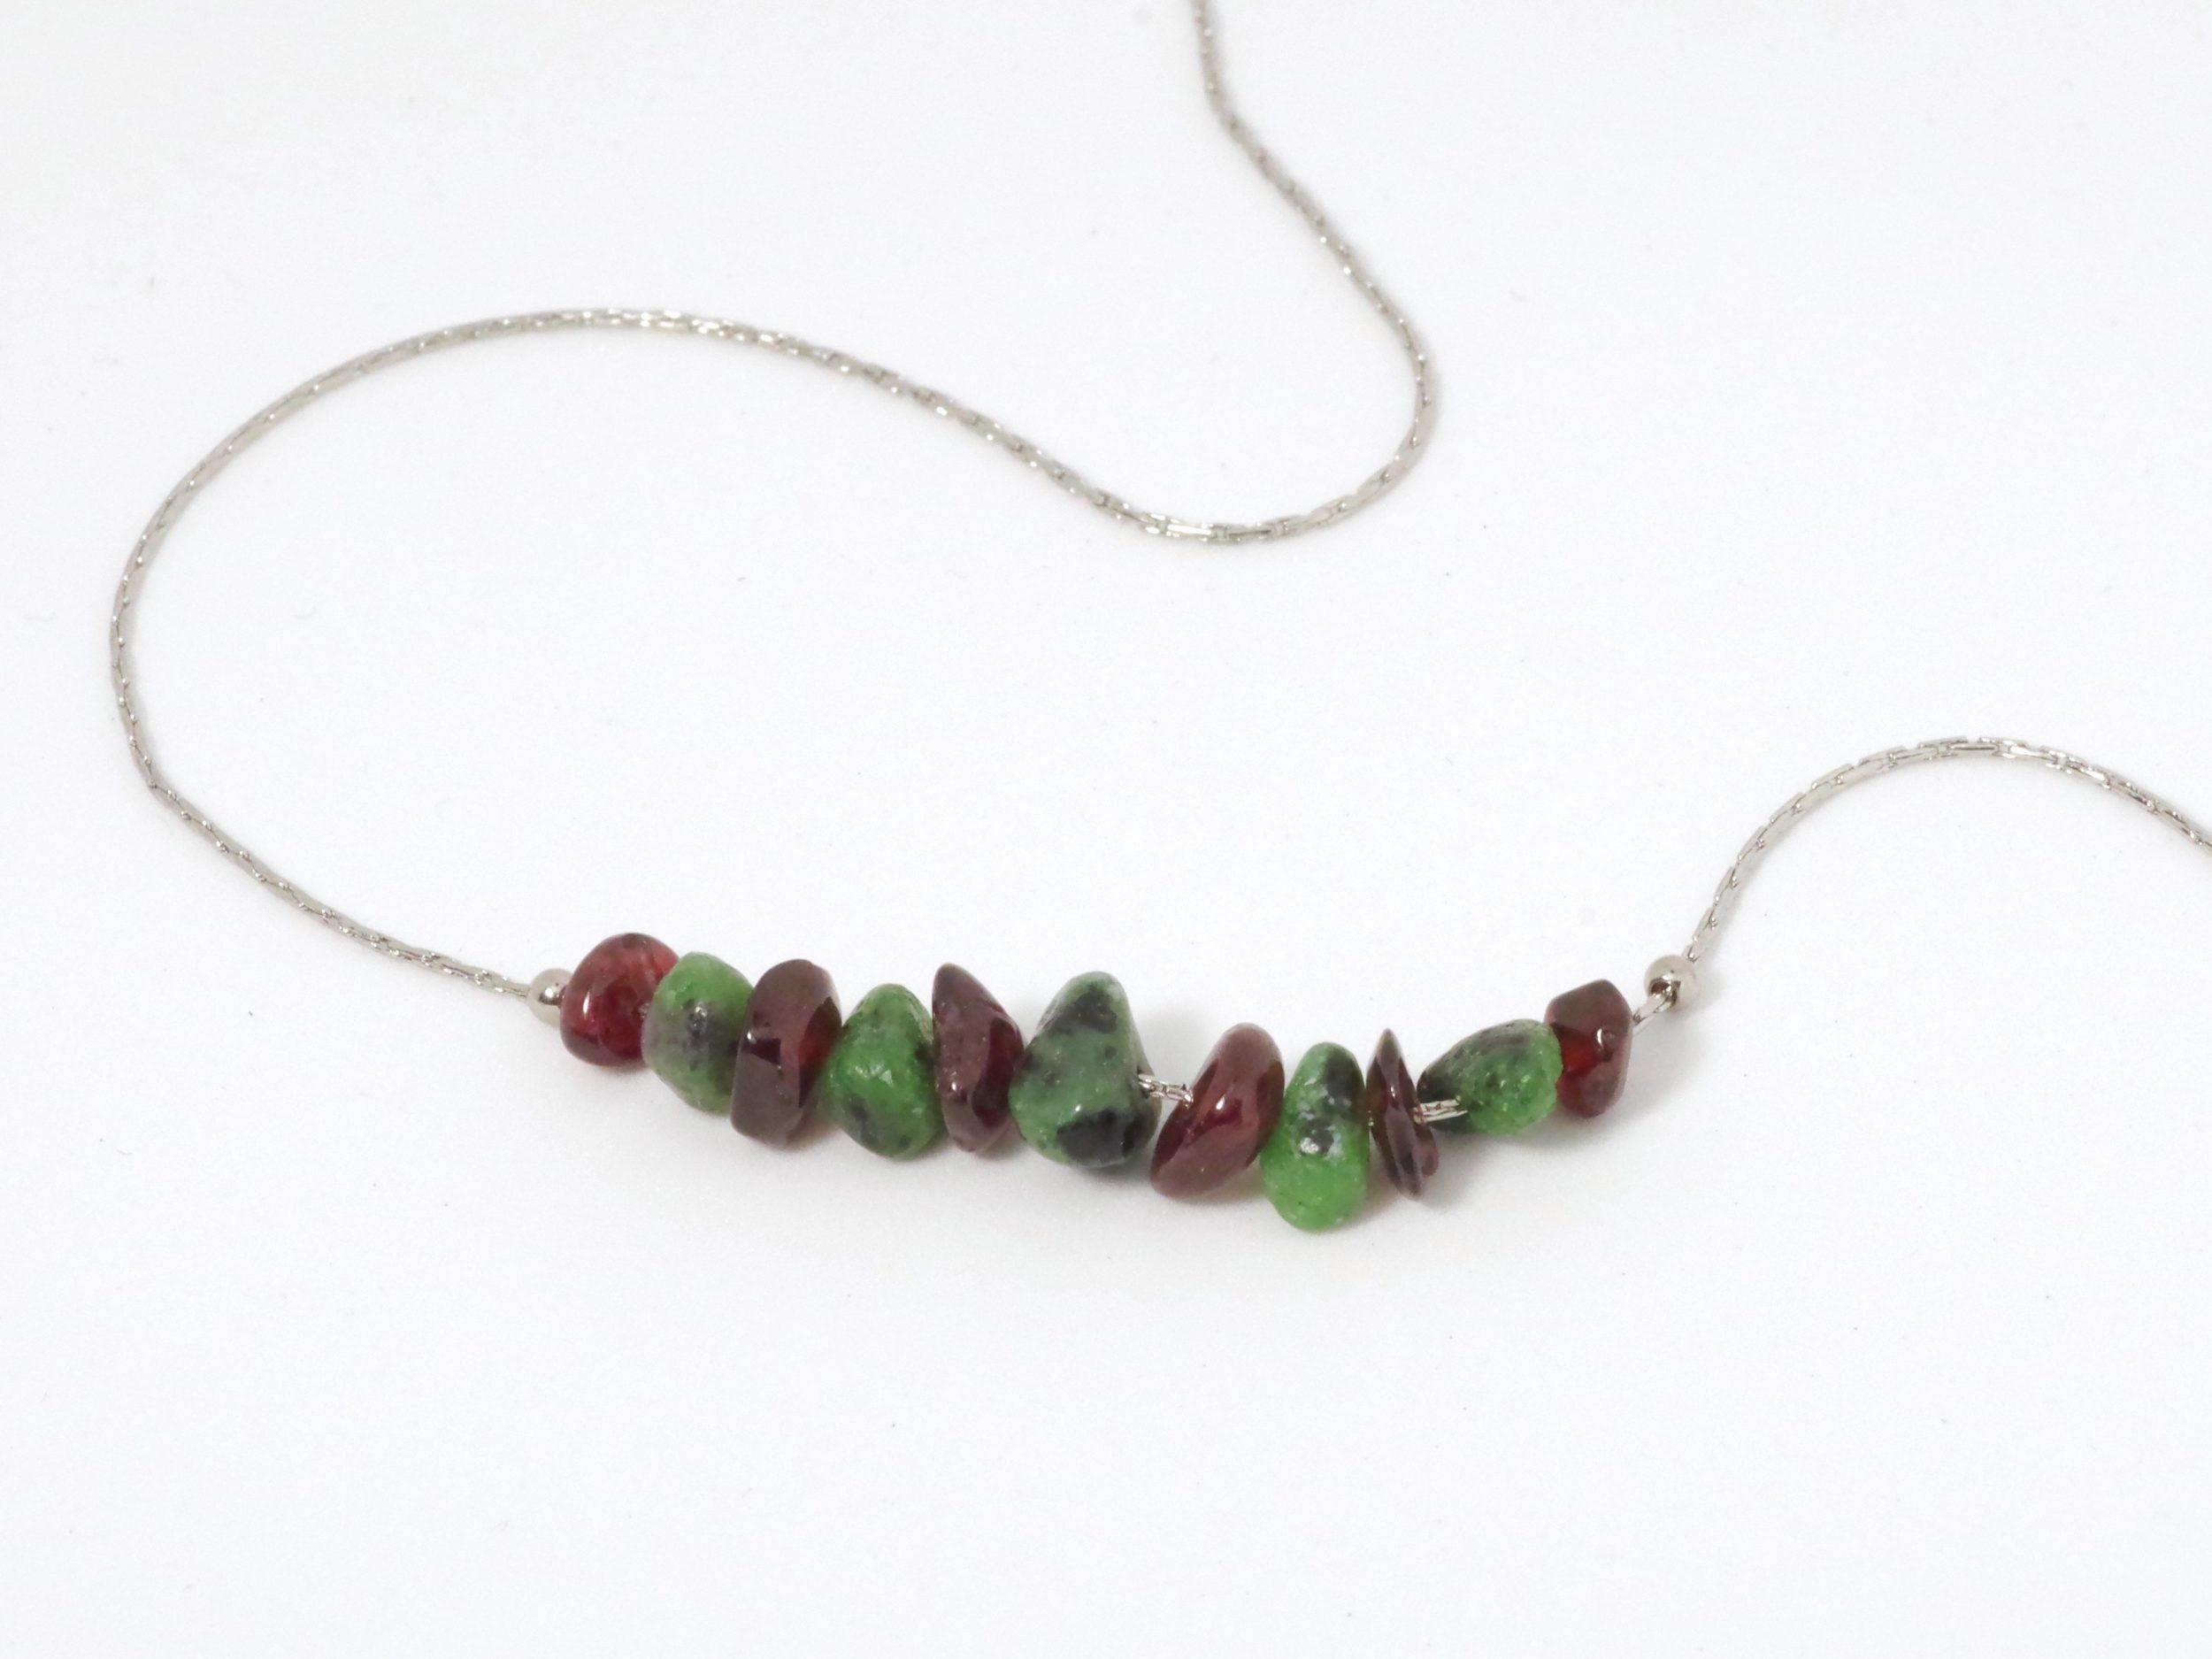 collier de pierres : chaîne fine en inox et gemmes vertes et rouges